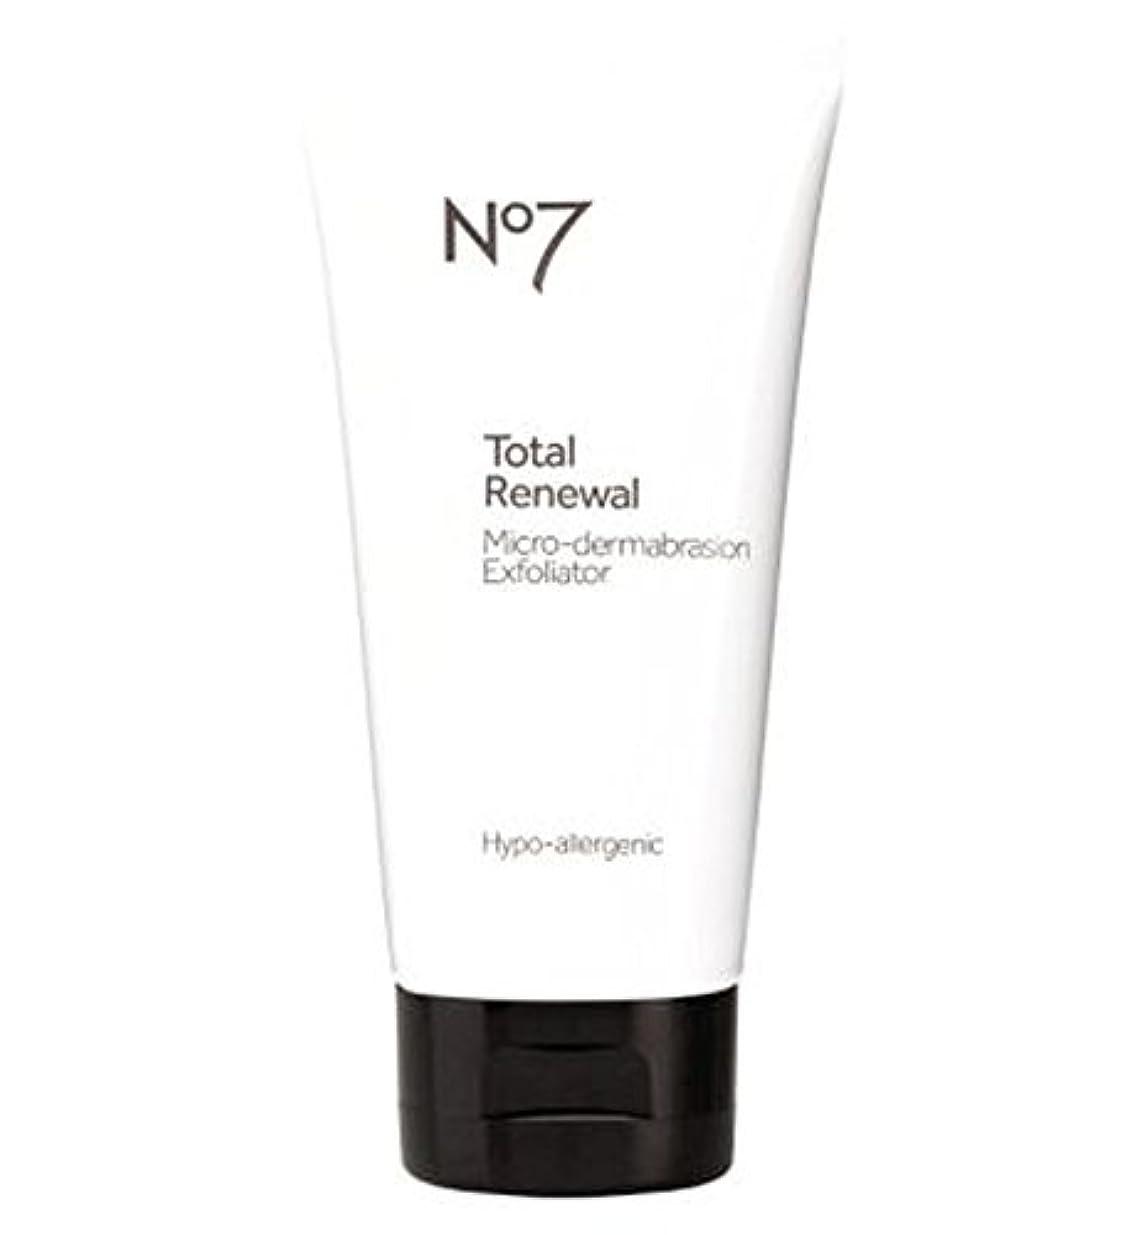 カスタム呪いバレーボールNo7総リニューアルマイクロ皮膚剥離面エクスフォリエーター (No7) (x2) - No7 Total Renewal Micro-dermabrasion Face Exfoliator (Pack of 2) [並行輸入品]